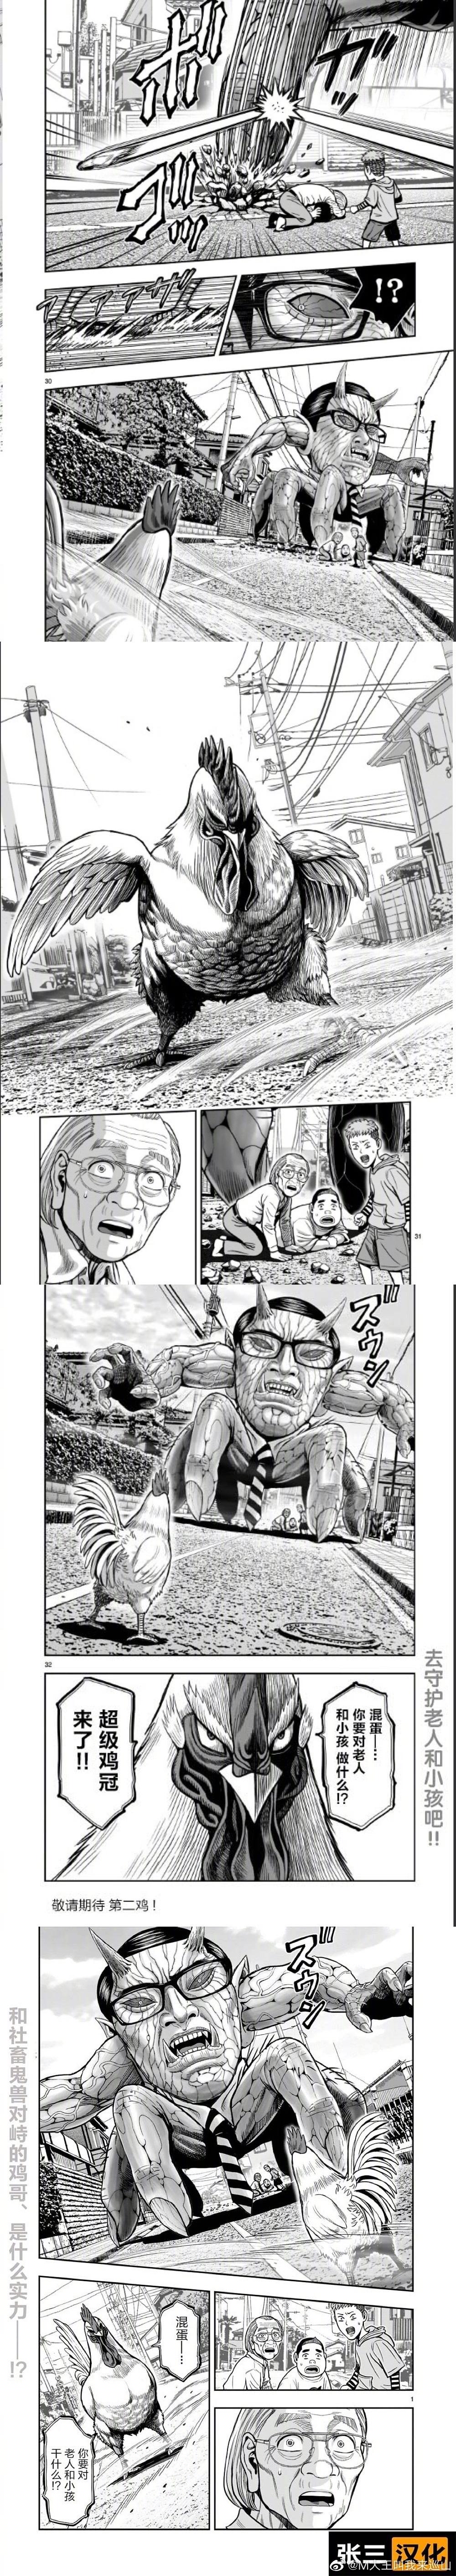 这不比博人传燃? 日本漫画 动漫图片 第8张